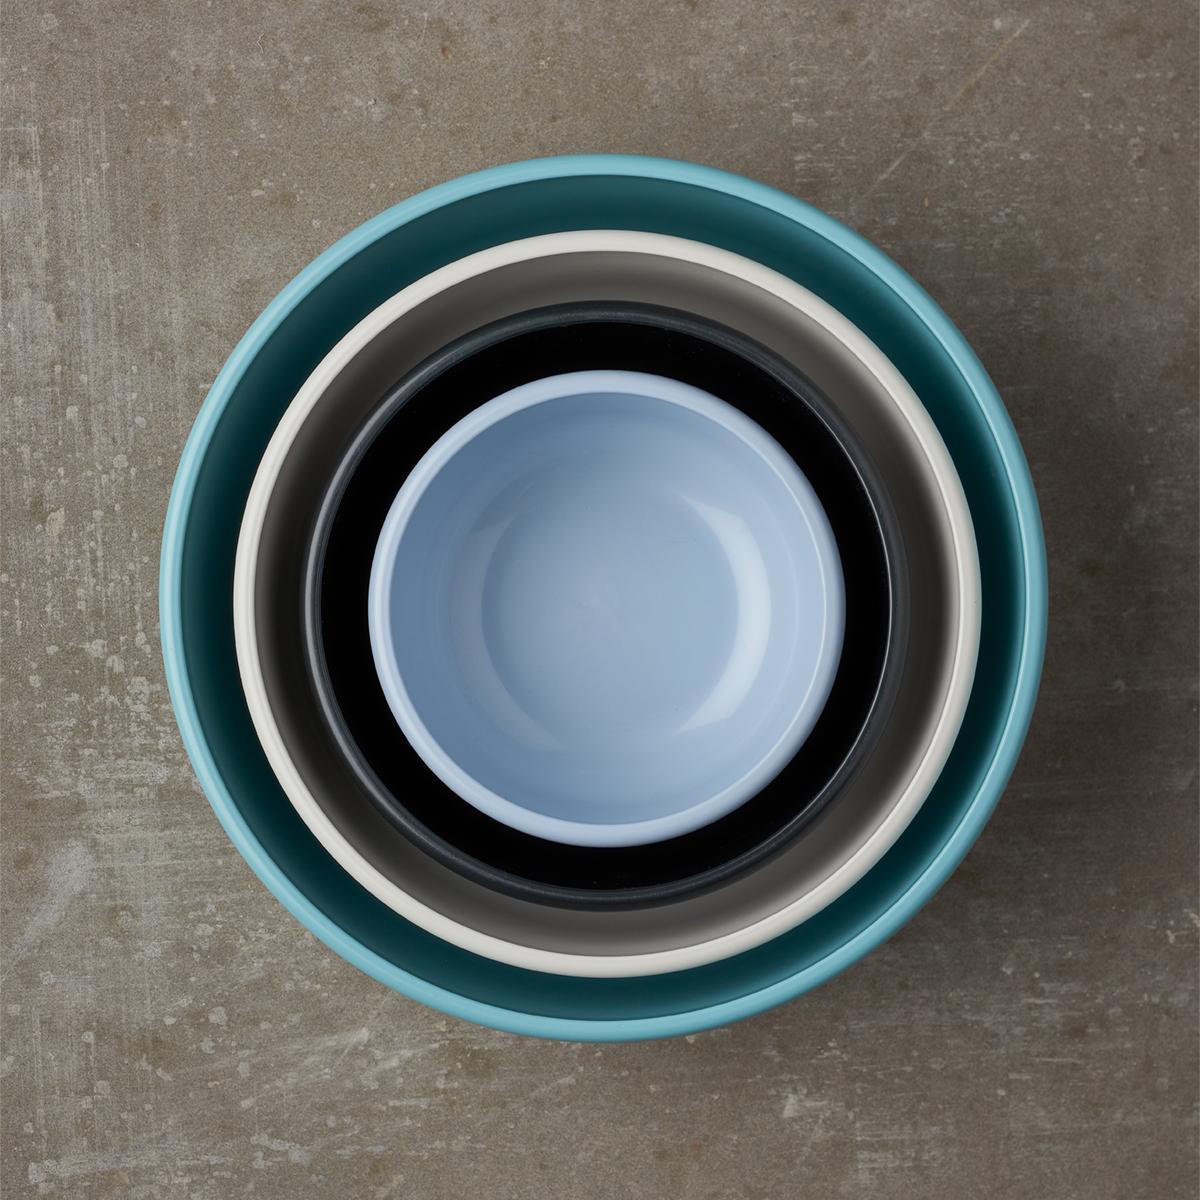 余りご飯や作り置きをレンジで温めて、そのまま食卓に出せる汁漏れしないマルチボウル・タッパー・保存容器|MEPAL CIRQULA(サーキュラ)